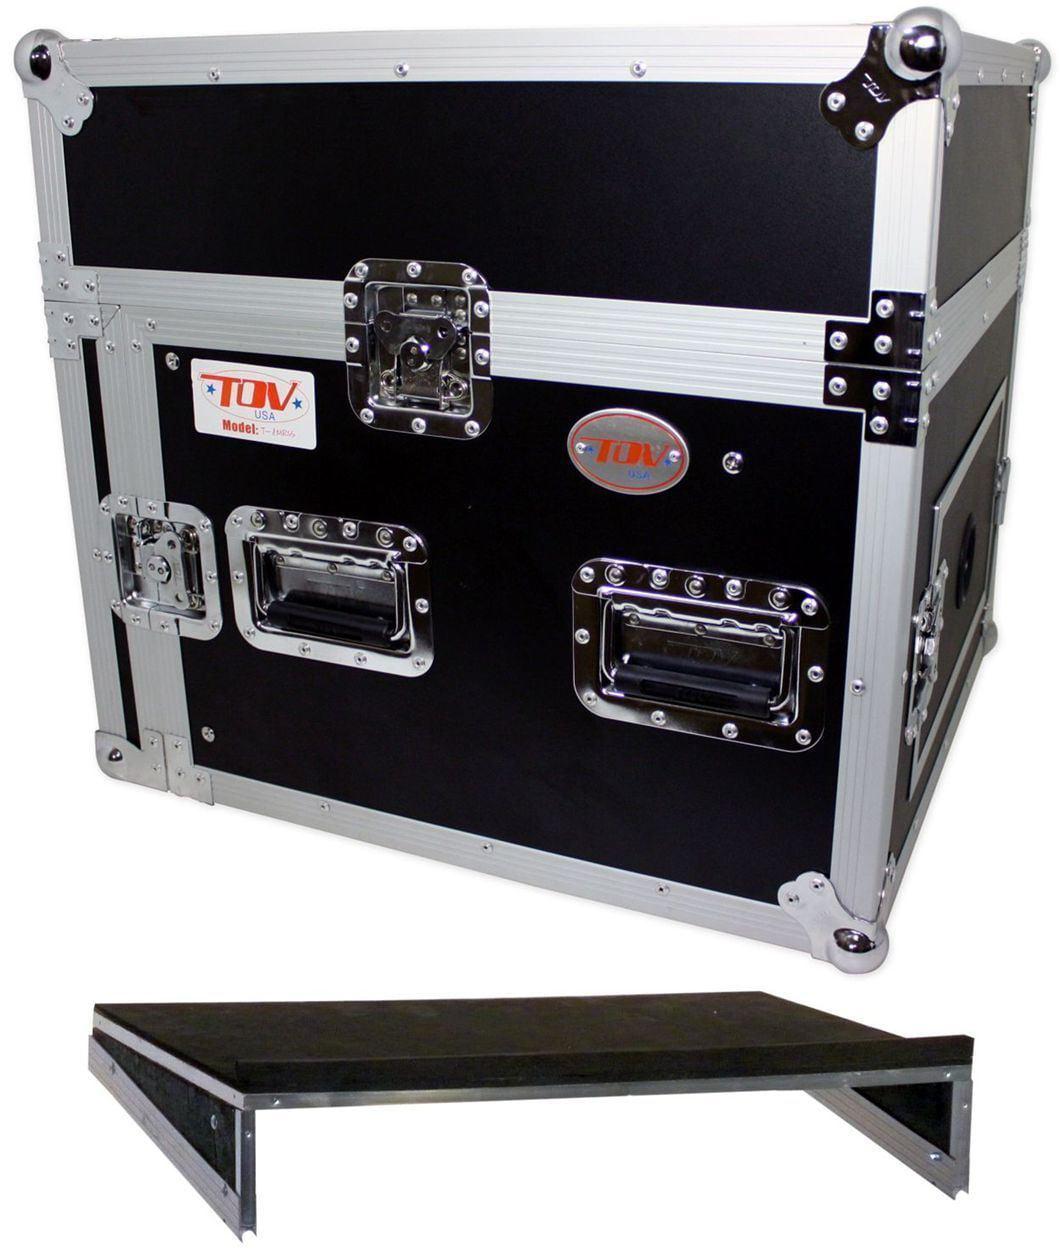 Pro X T-8MR 8U x 10U Space Slant DJ Combo Rack Flight Case +Sliding Laptop Shelf by PRO X CASES